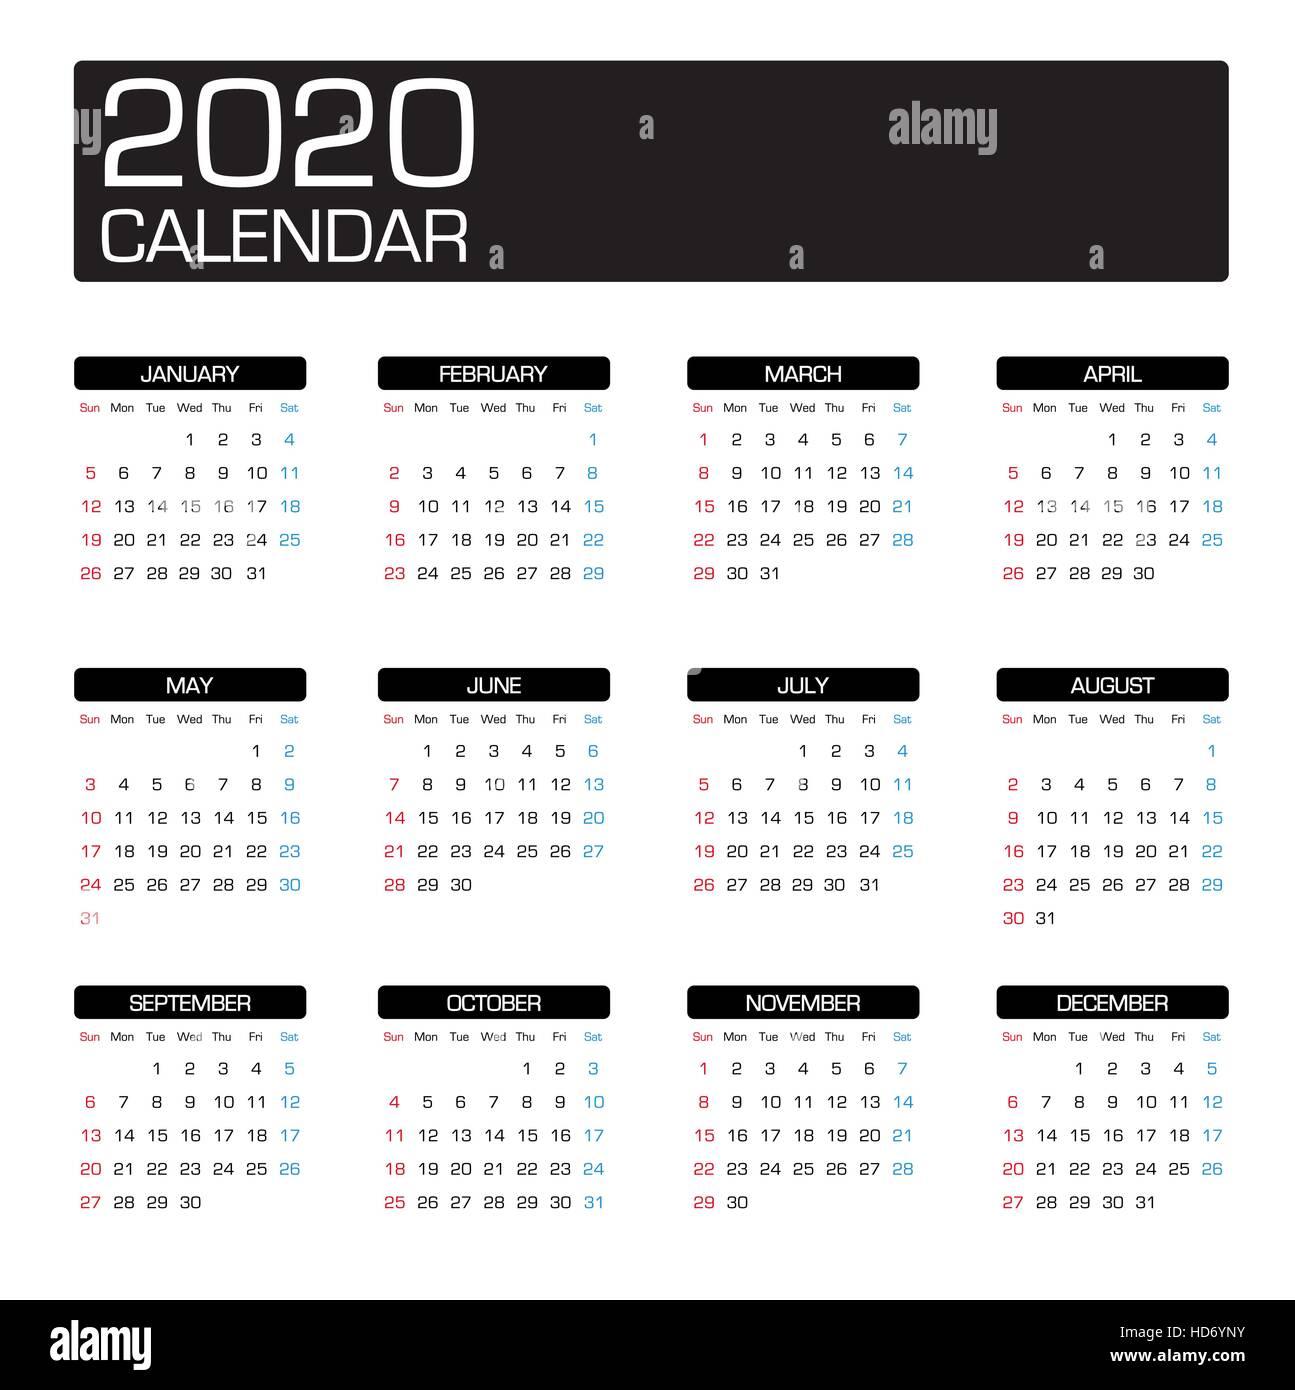 Modele De Calendrier 2020.Annee 2020 Modele De Calendrier Vecteurs Et Illustration